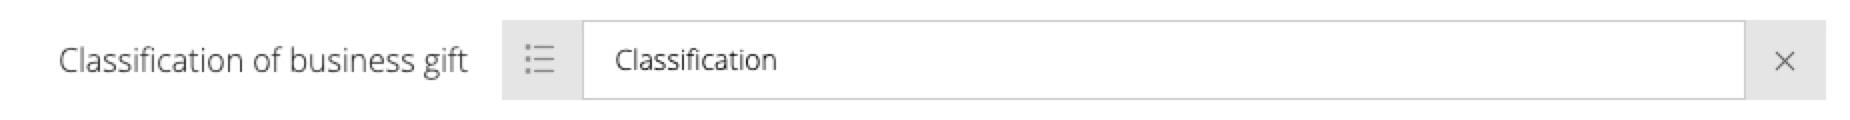 Configured input screenshot